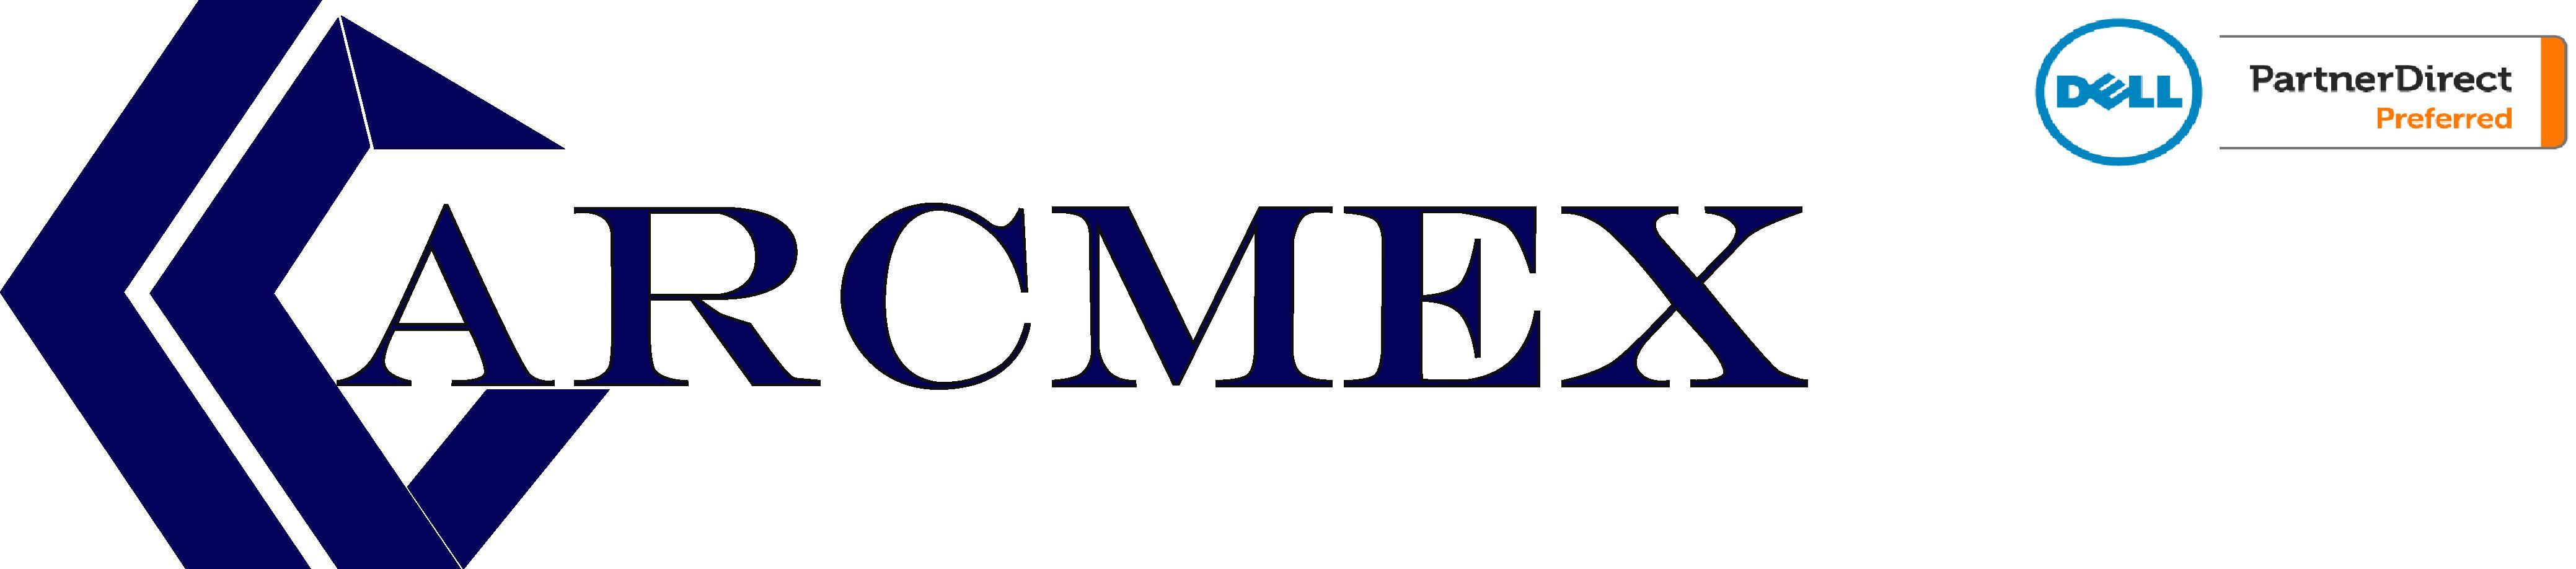 www.carcmex.net